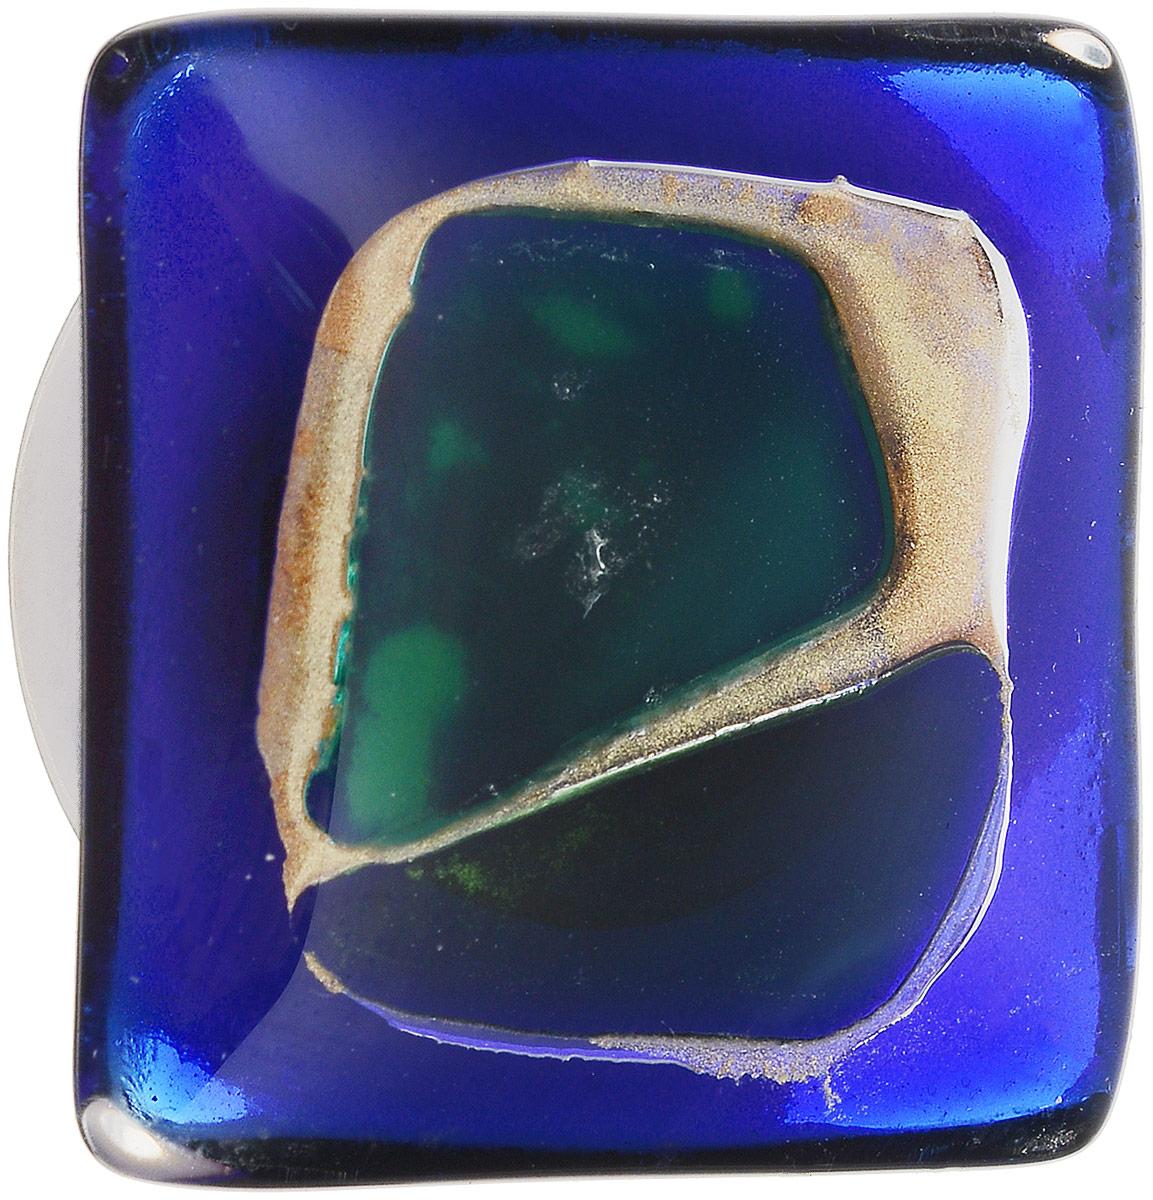 Брошь Сотворение мира. Муранское стекло, магнит, ручная работа. Murano, Италия (Венеция)Ажурная брошьБрошь Сотворение мира.Муранское стекло, магнит, ручная работа.Murano, Италия (Венеция).Размер - 3 х 3 см.Тип крепления - магнит.Брошь можно носить на одежде, шляпе, рюкзаке или сумке.Каждое изделие из муранского стекла уникально и может незначительно отличаться от того, что вы видите на фотографии.